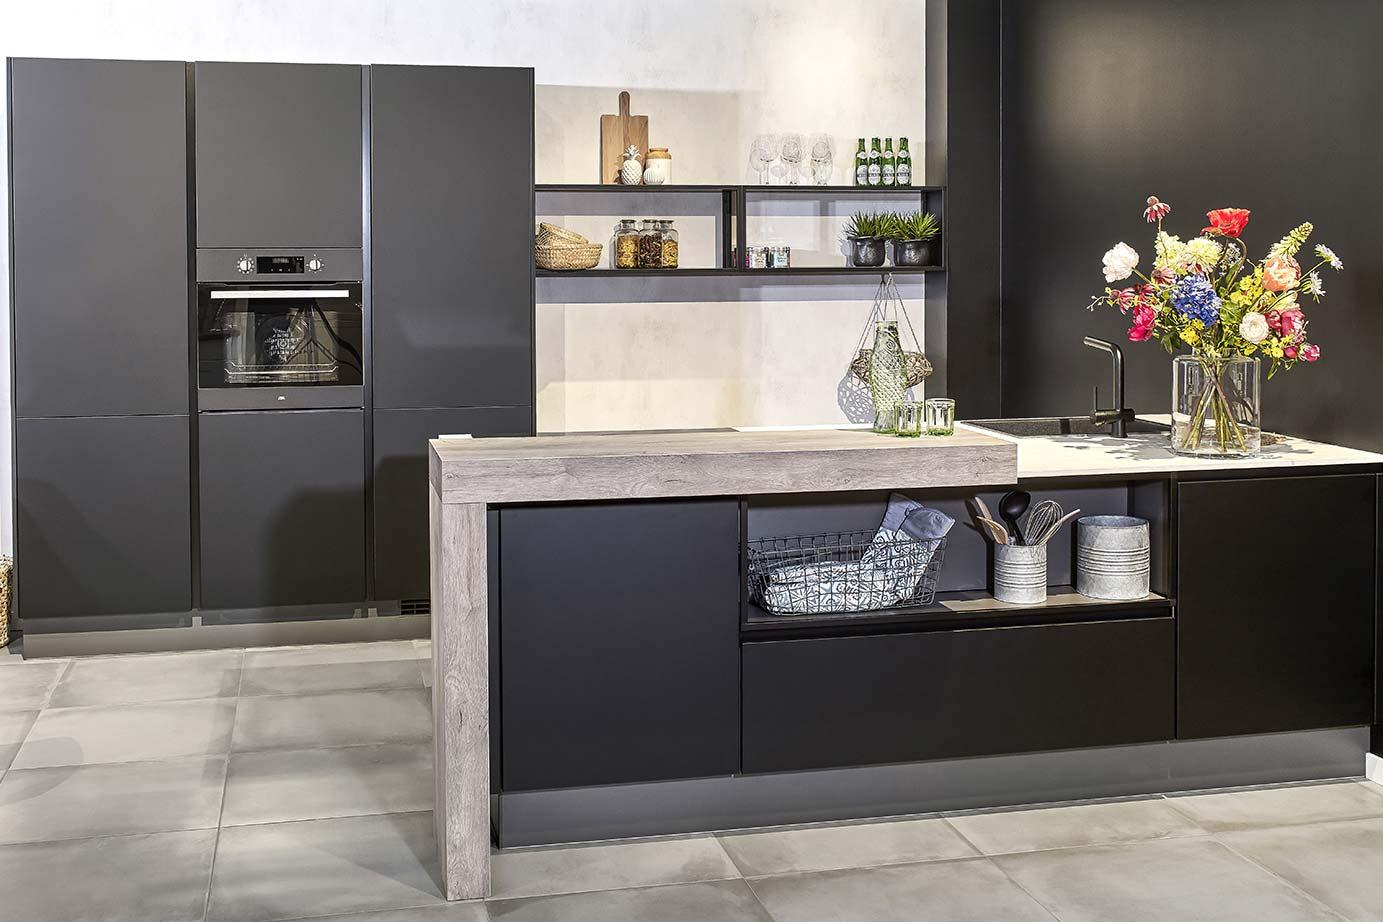 Zwarte Landelijke Keuken : Zwarte keukens in diverse stijlen en prijsklassen. – Pelma